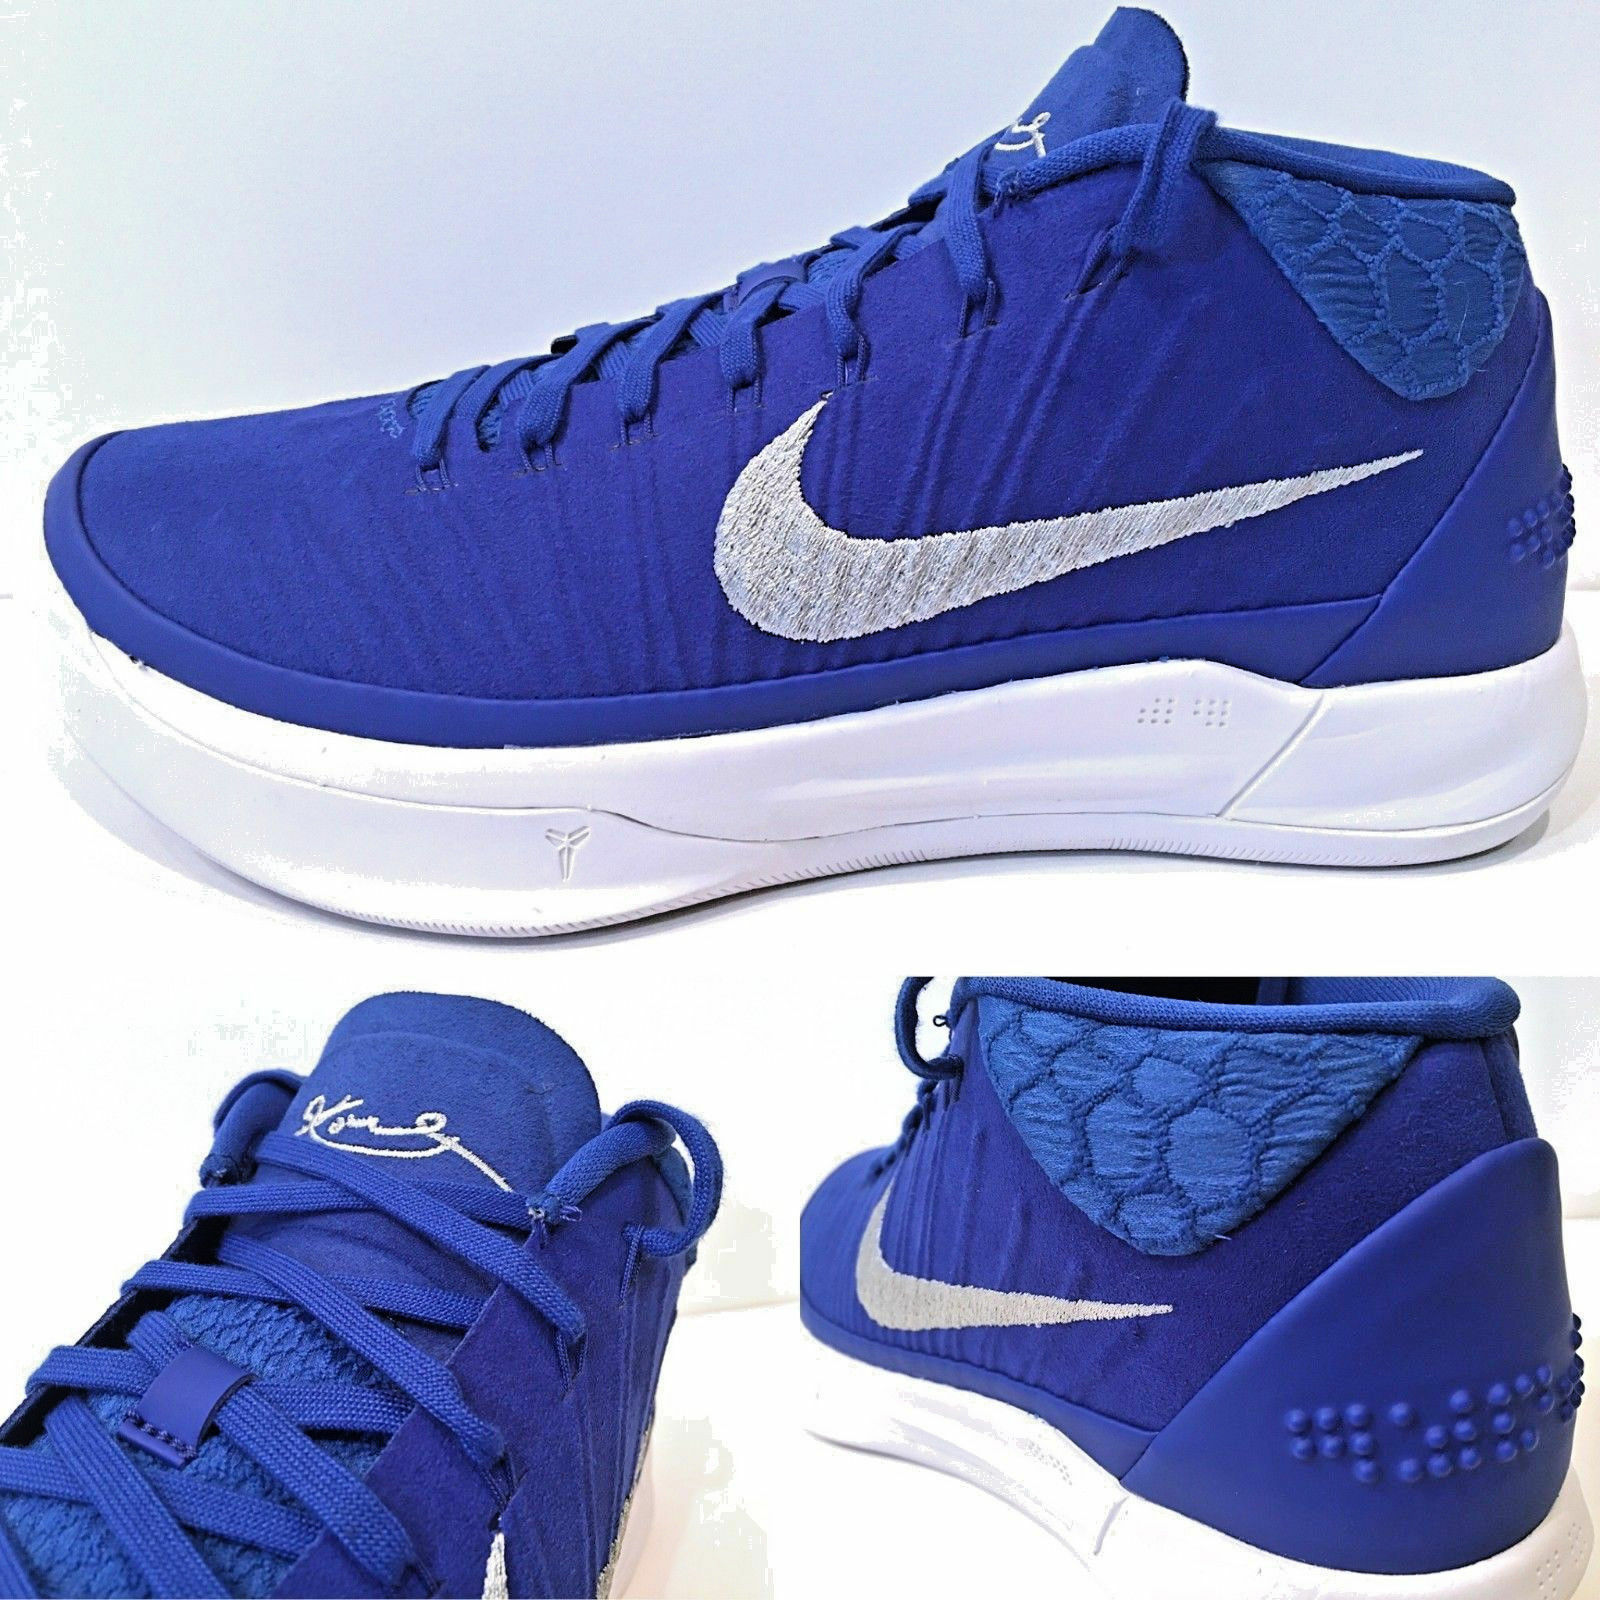 6cd543db8f3e Nike Kobe A.D. TB Game Royal White White White Basketball Shoes 942521-400  USA Men s